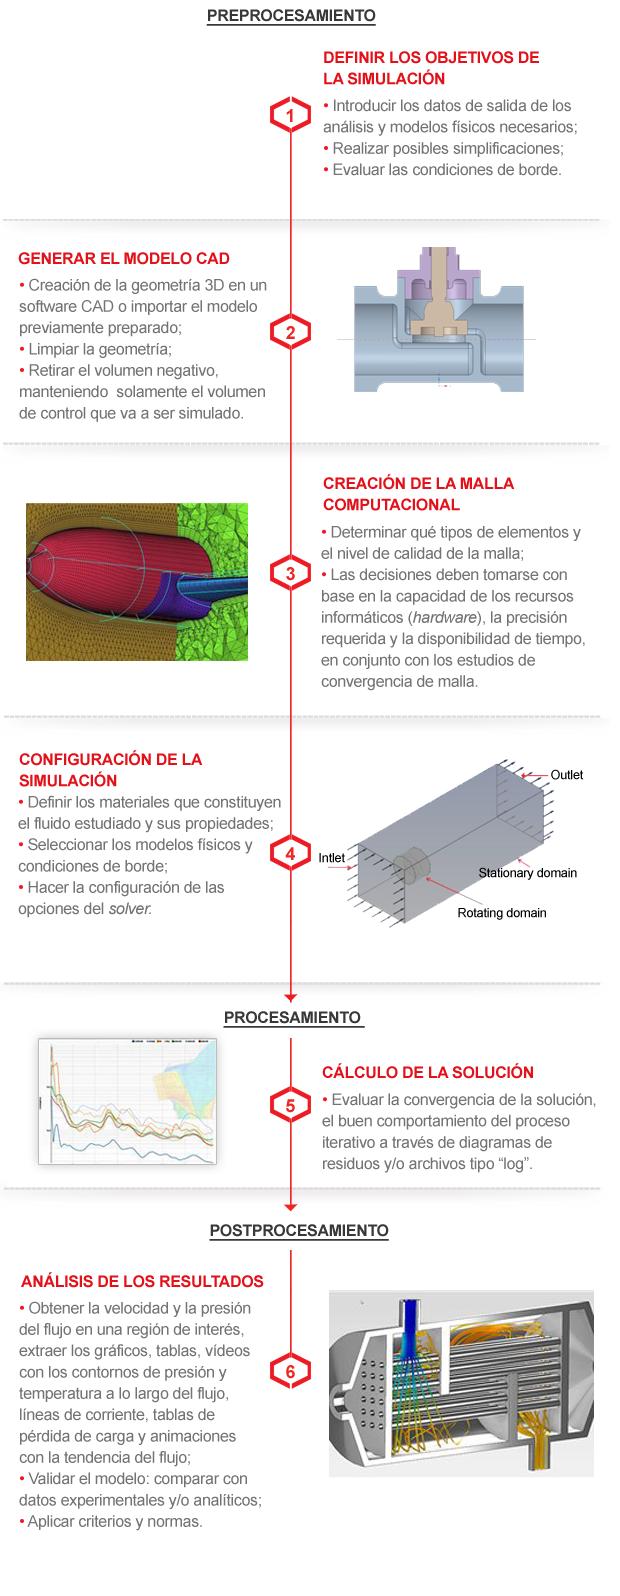 Proceso de Simulación Fluidodinámica (CFD)